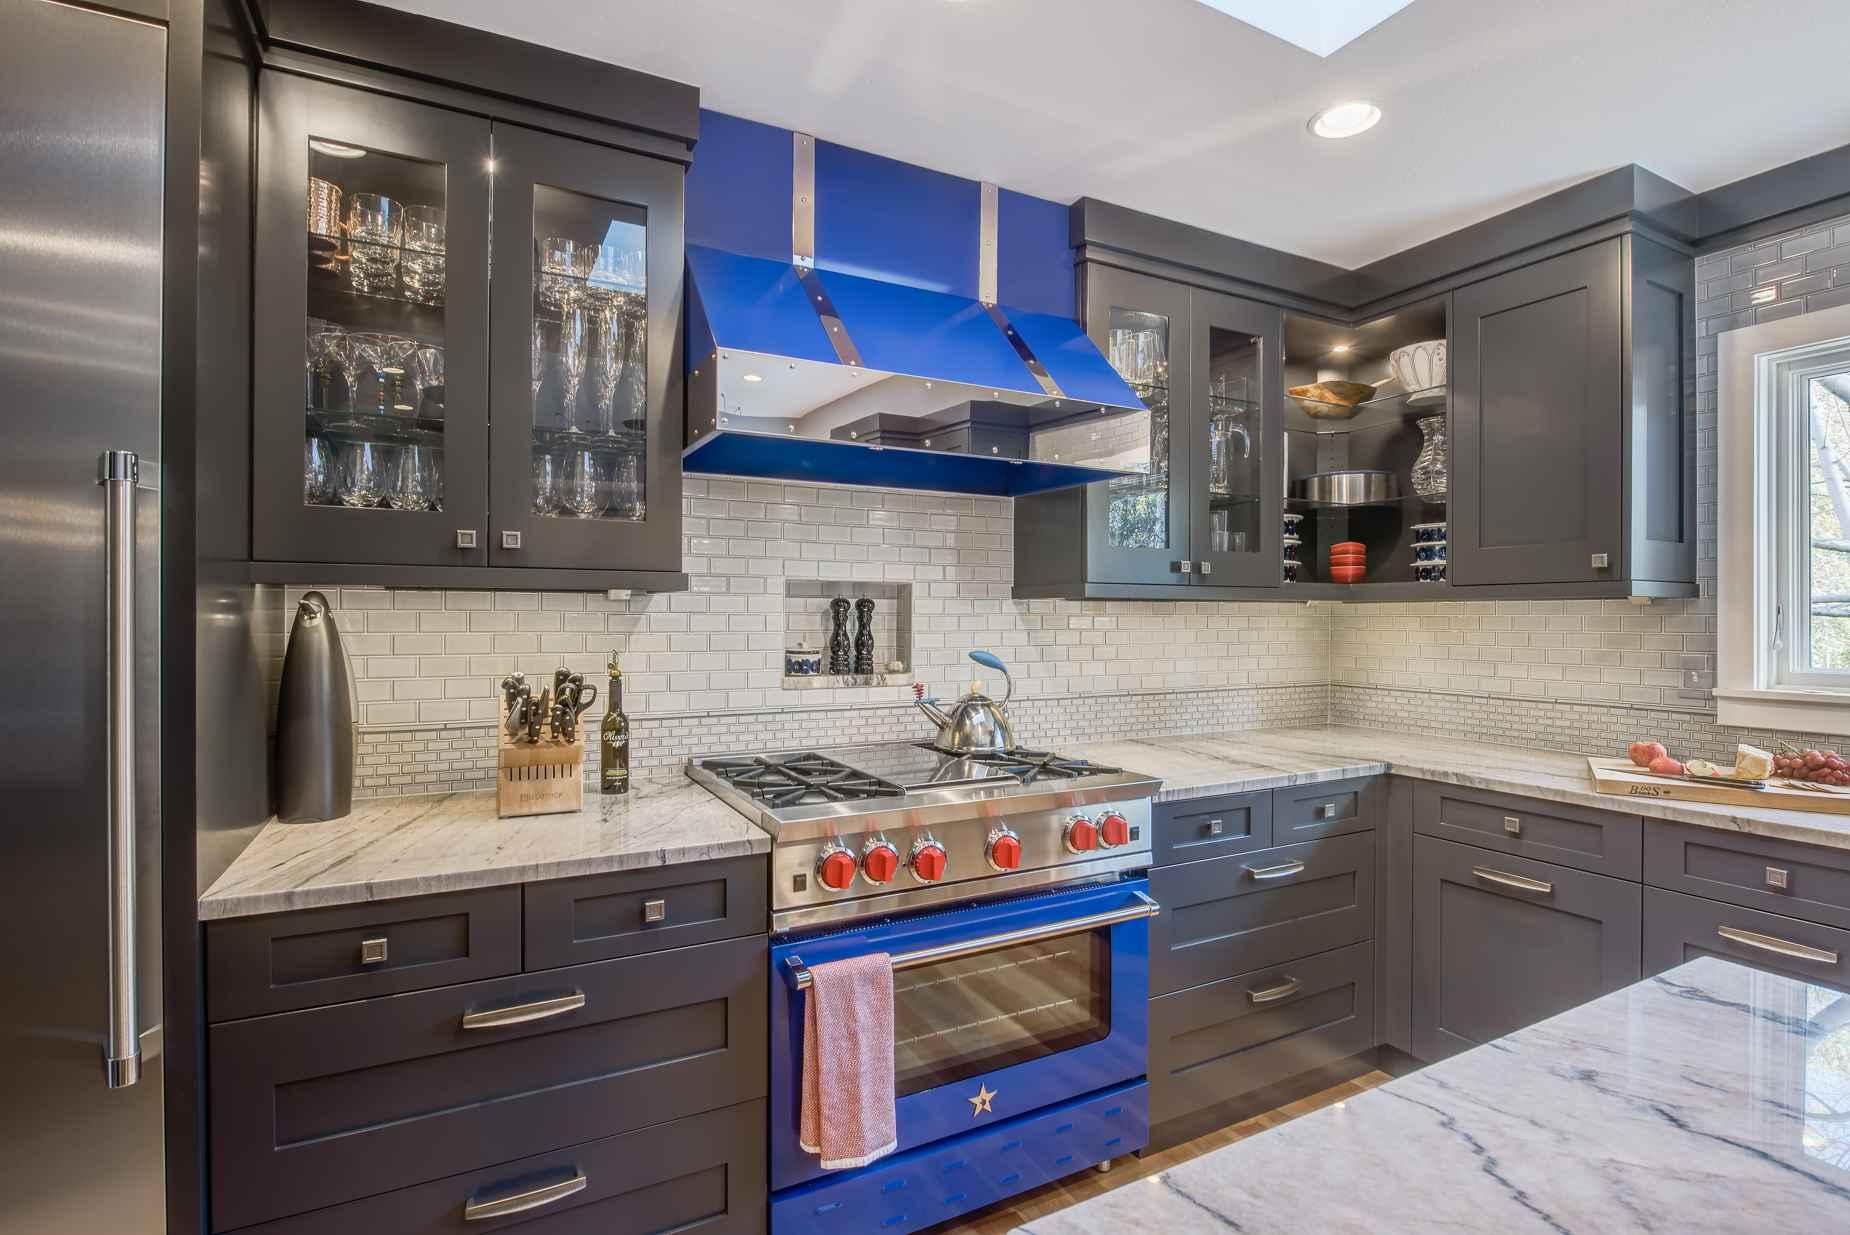 le domaine de chef — sanctuary kitchen and bath design-4.jpg